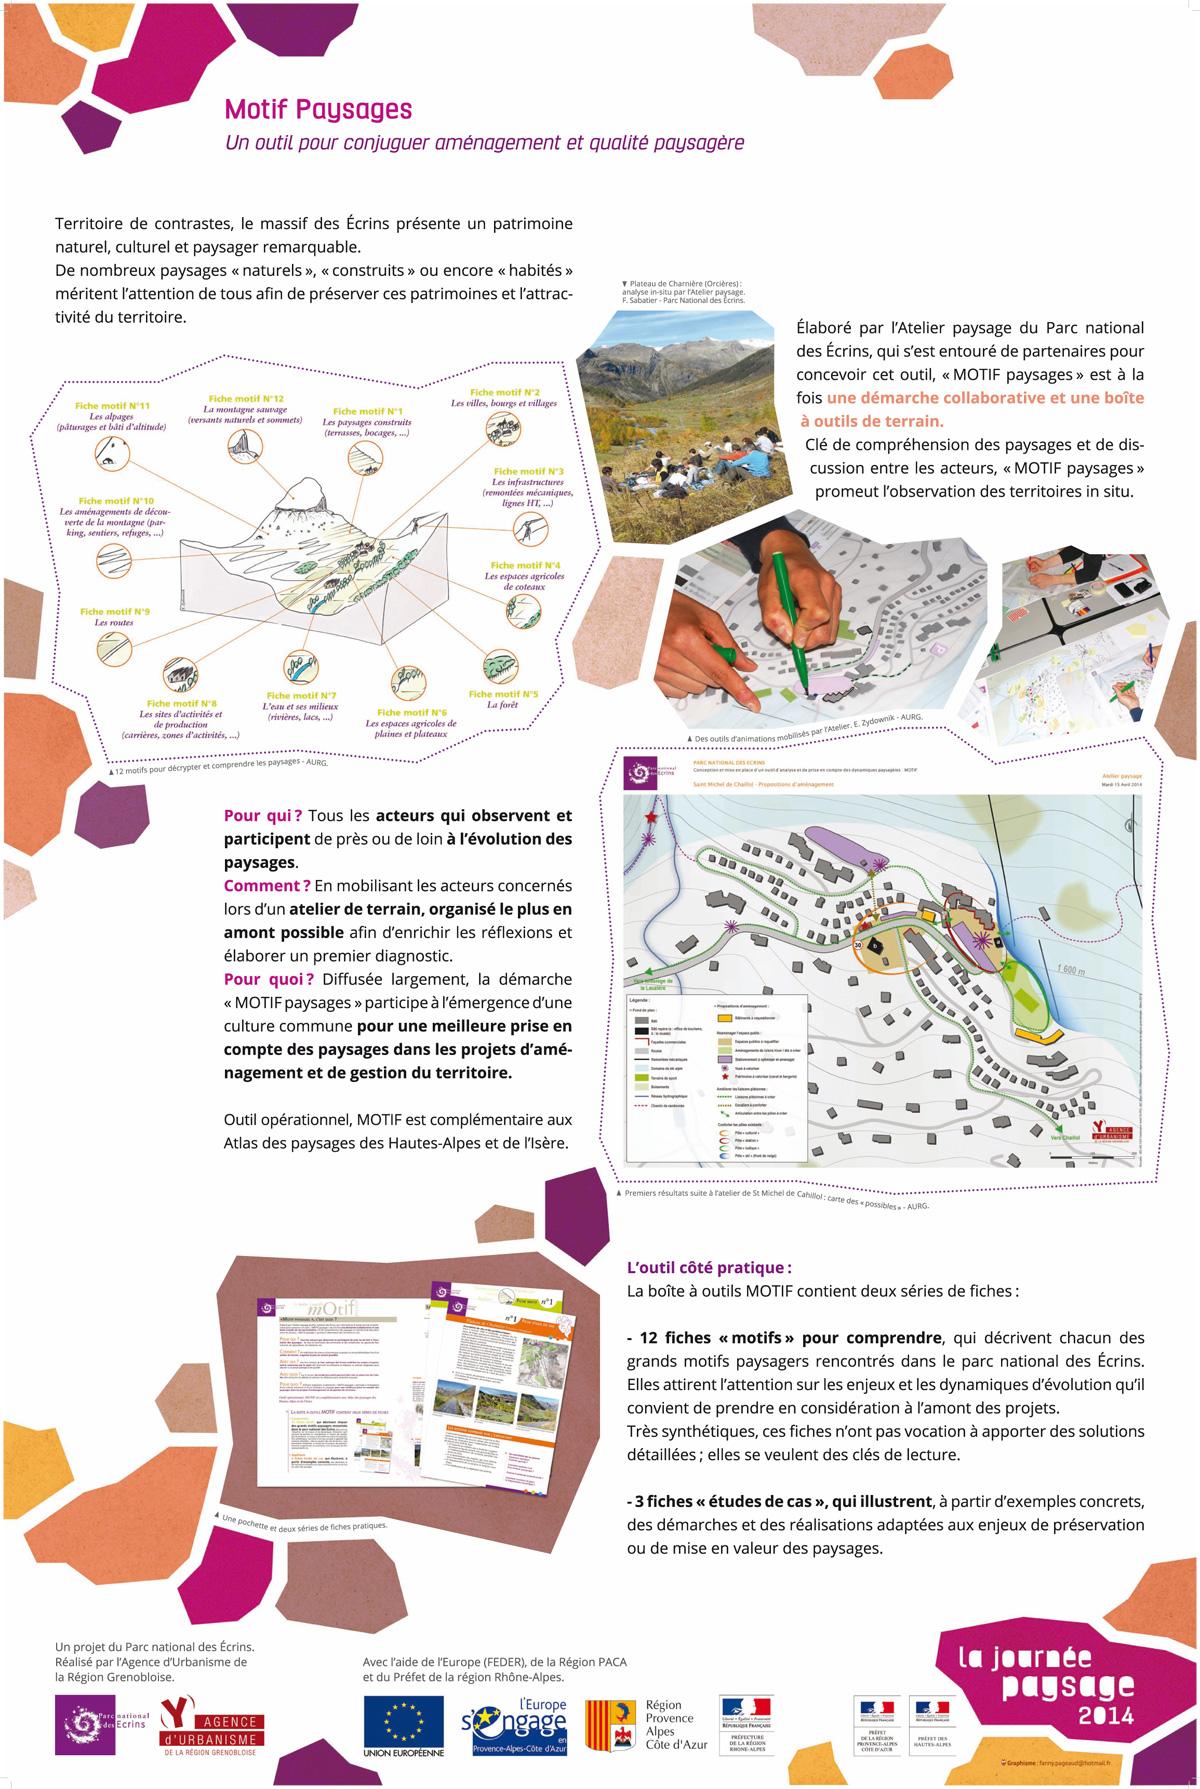 Panneau atelier paysage - Parc natonal des Ecrins